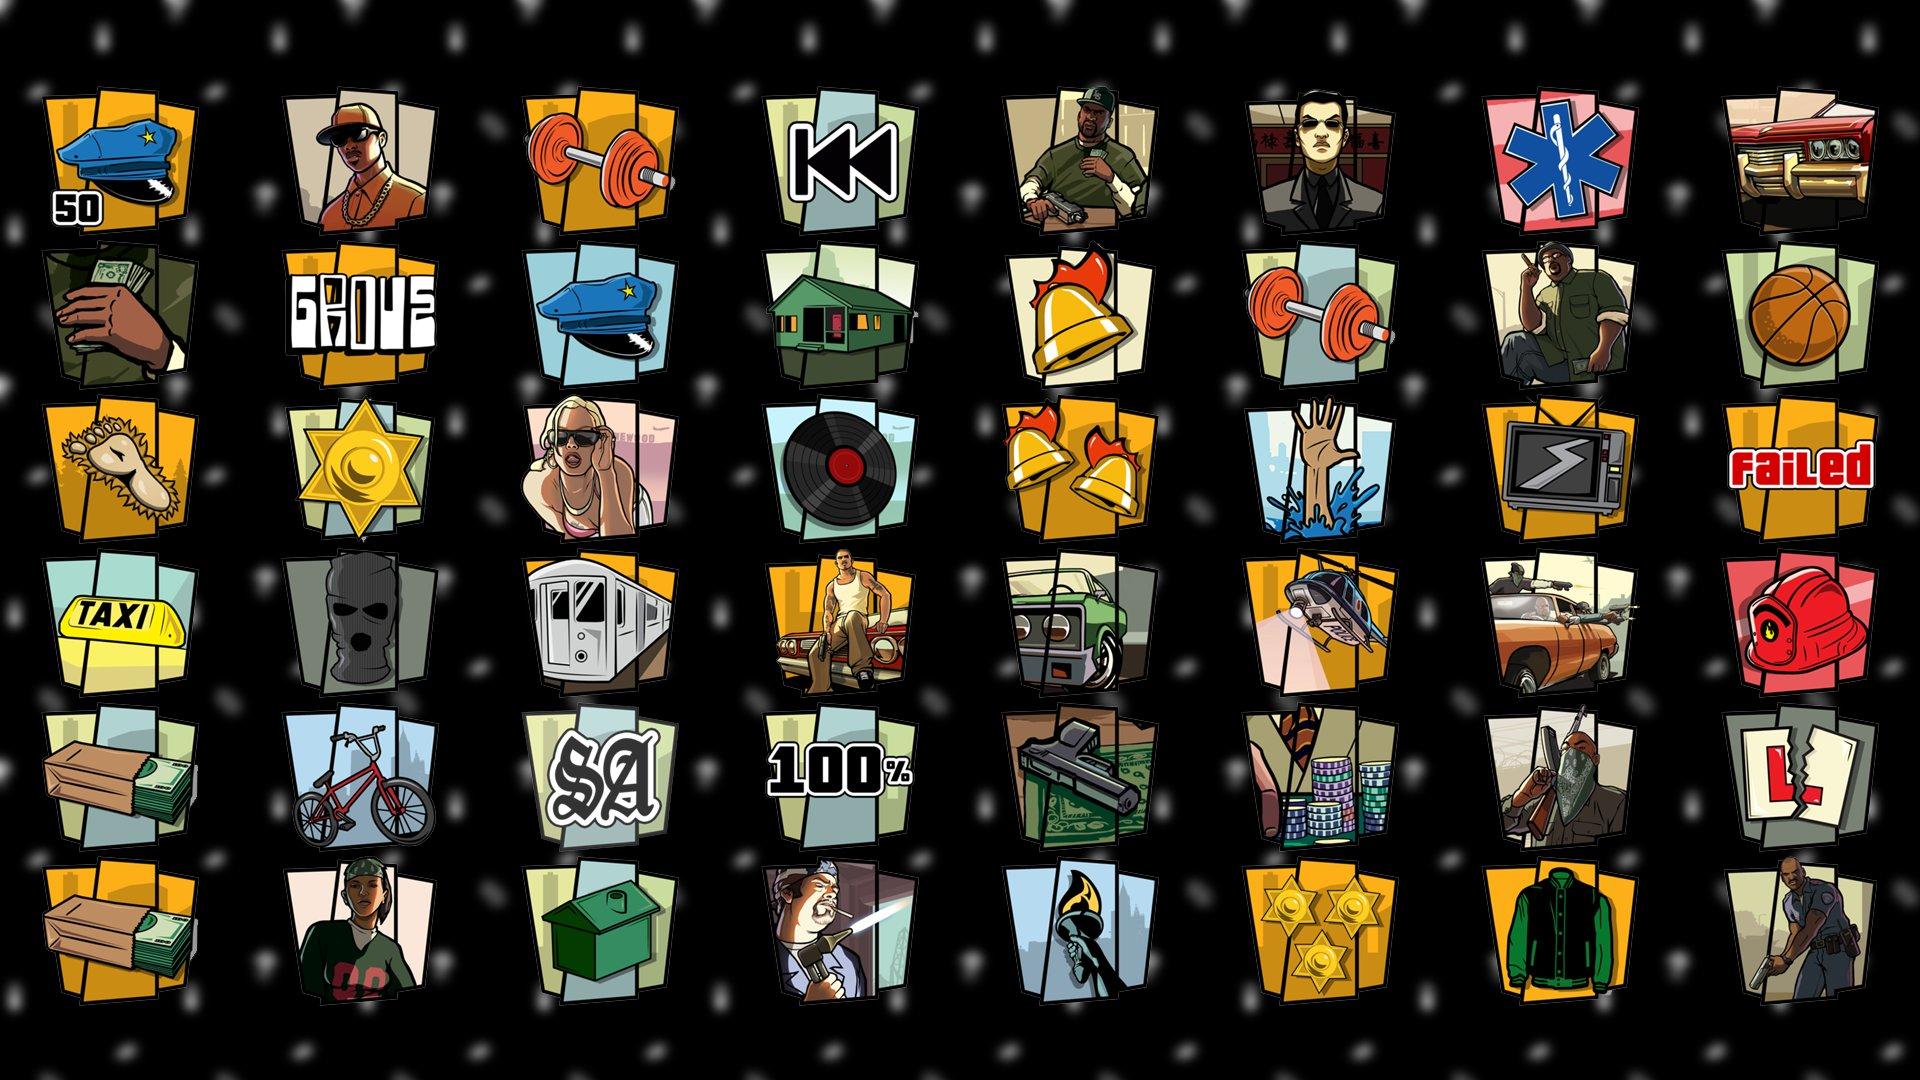 GTA: The Trilogy – The Definitive Edition   Vaza centenas de imagens da trilogia 3